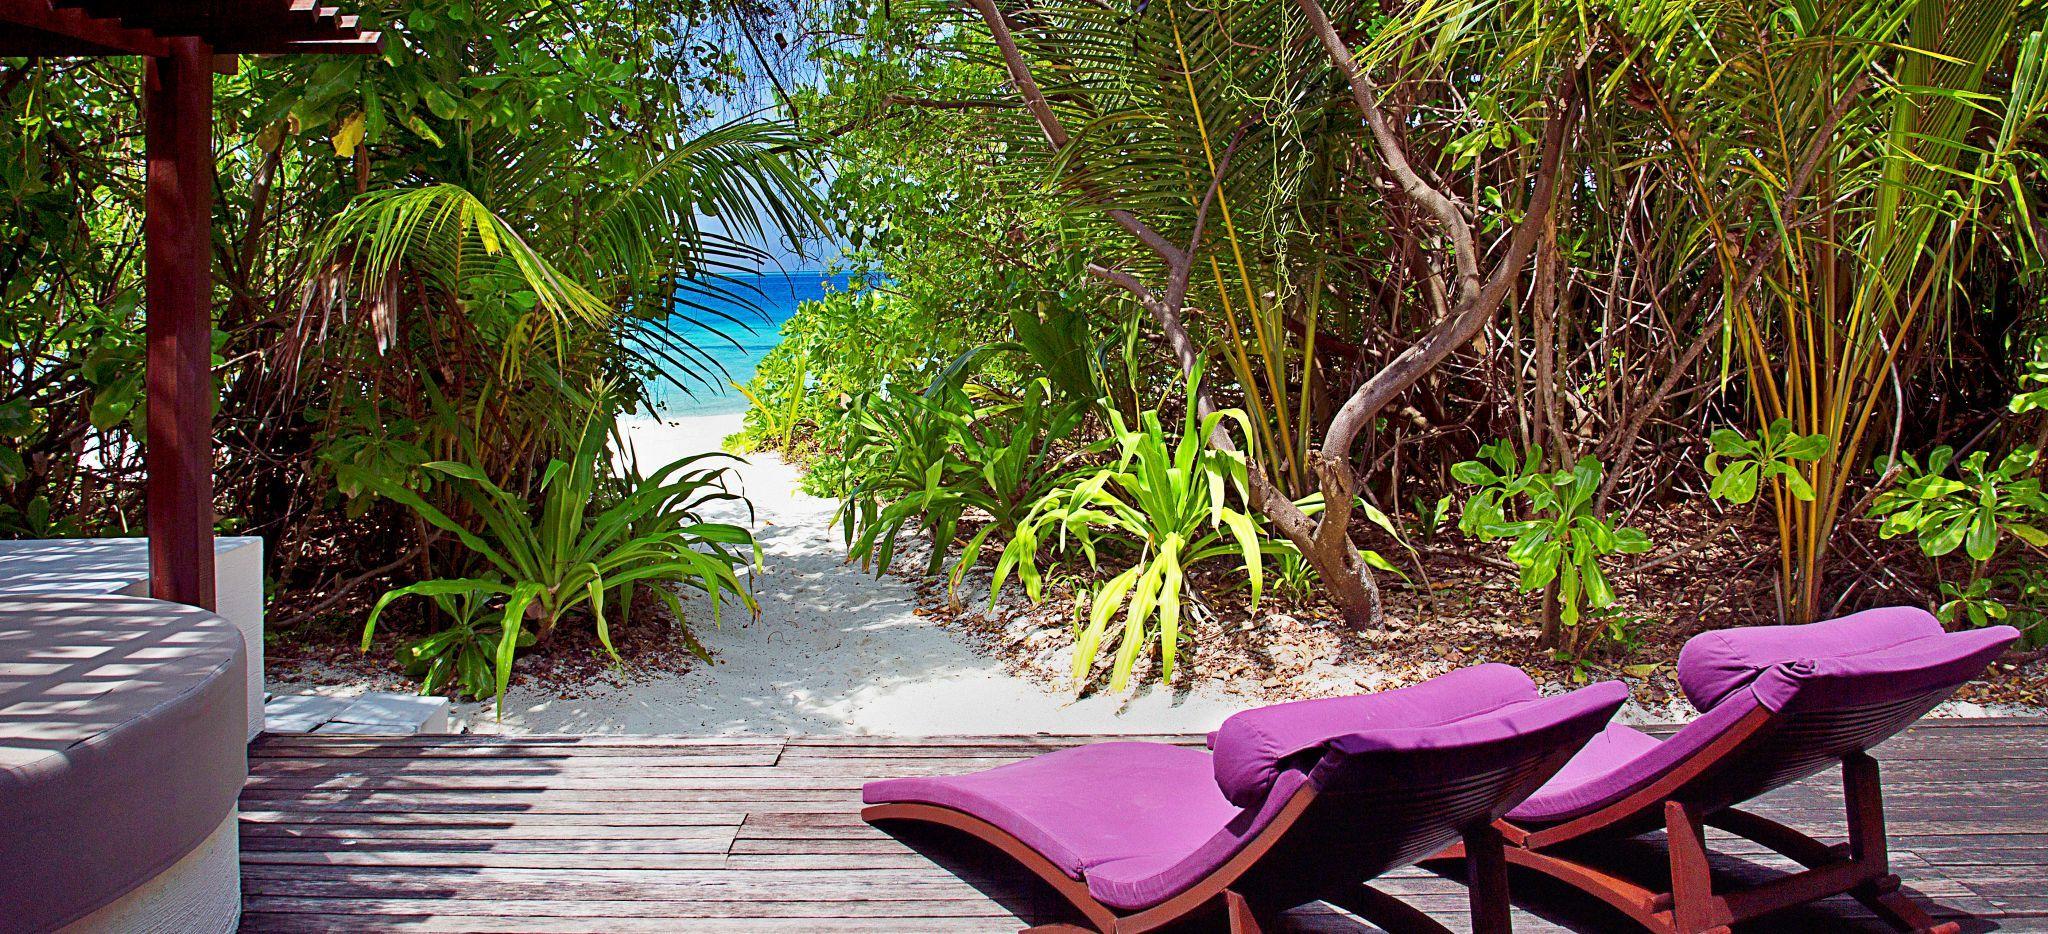 Blick auf das Meer zwischen Büschen von der Terrasse eines Hotelzimmers im Hotel Coco Palm Bofu Hithi auf den Malediven